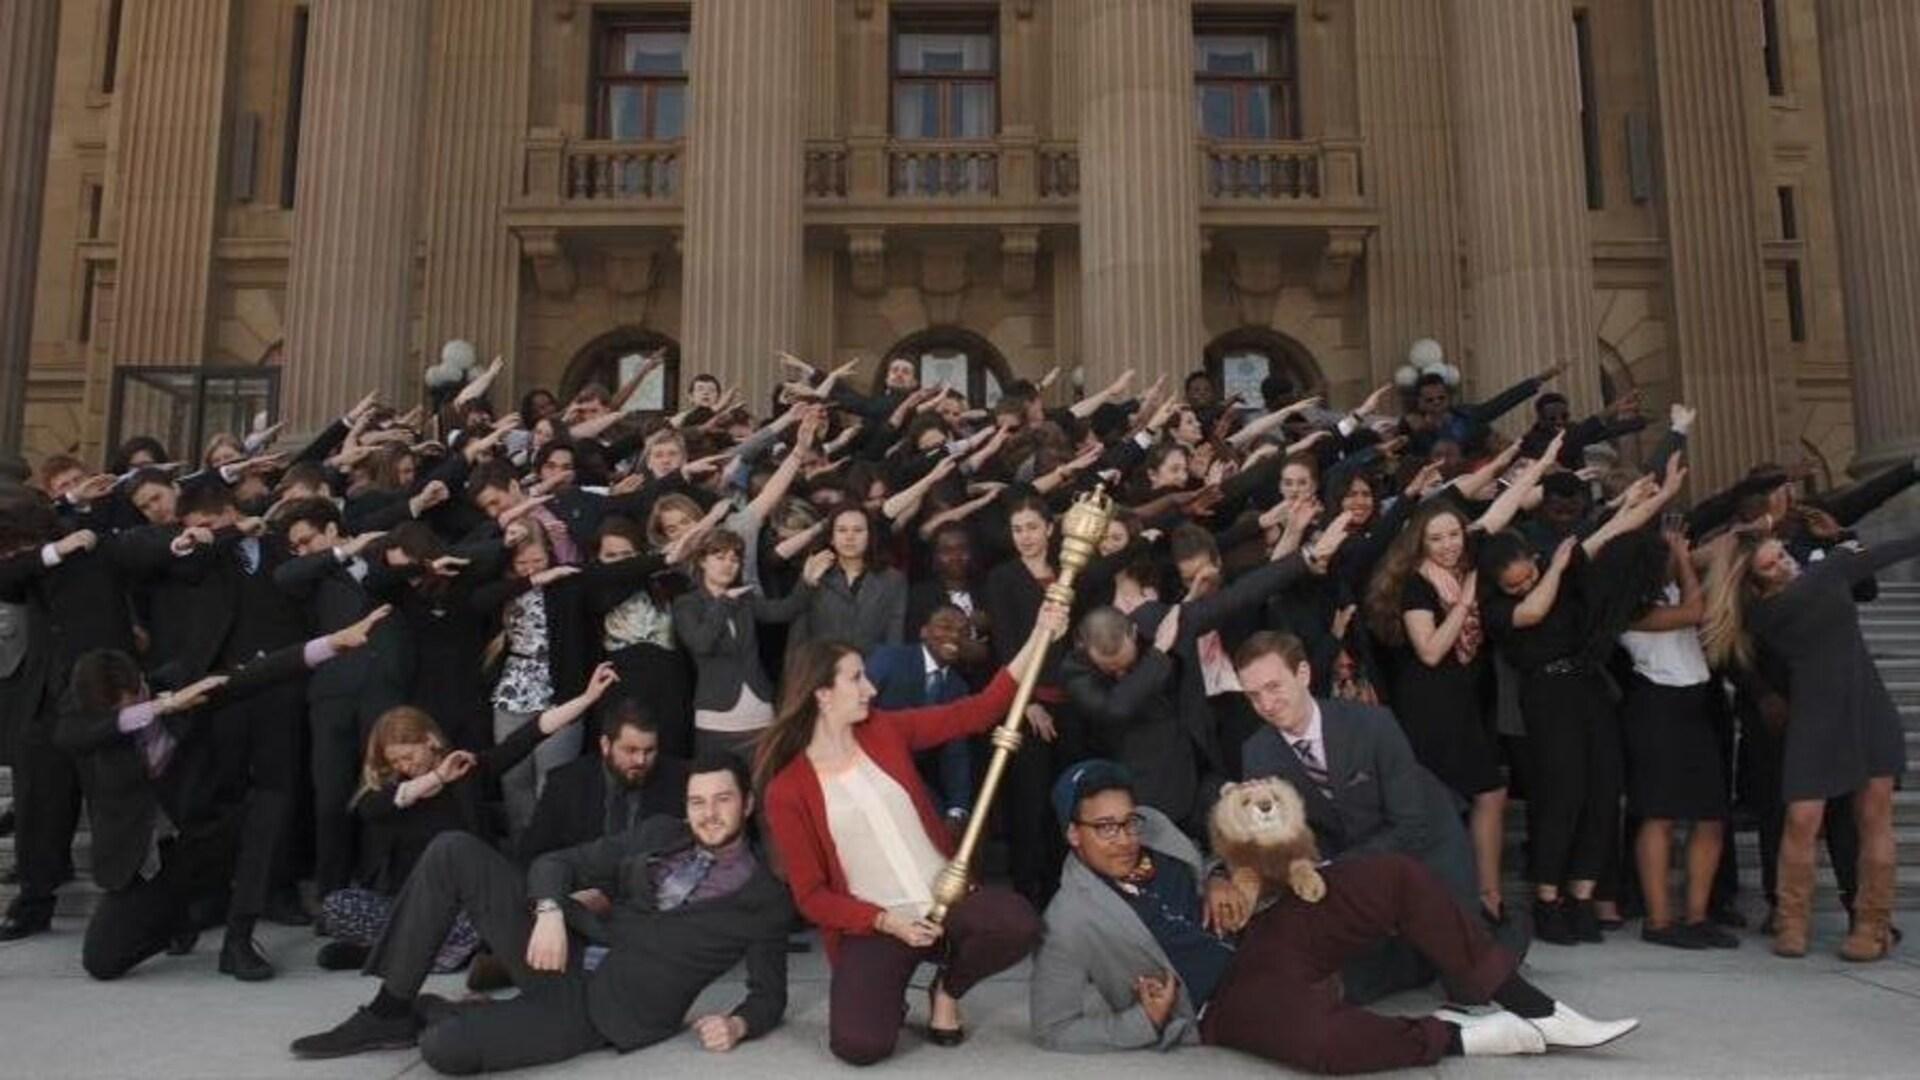 Plusieurs jeunes sont devant le parlement et lèvent les bras vers leur gauche.